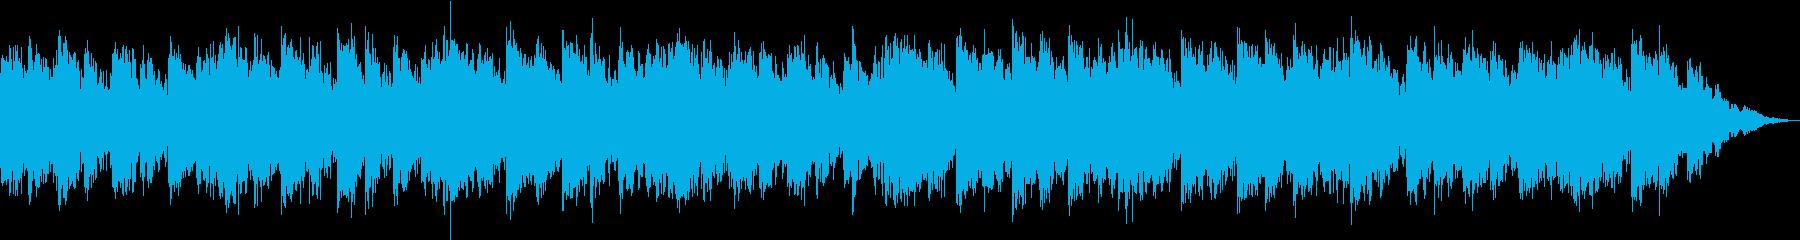 優しいテイストに仕上がったヒーリング音楽の再生済みの波形